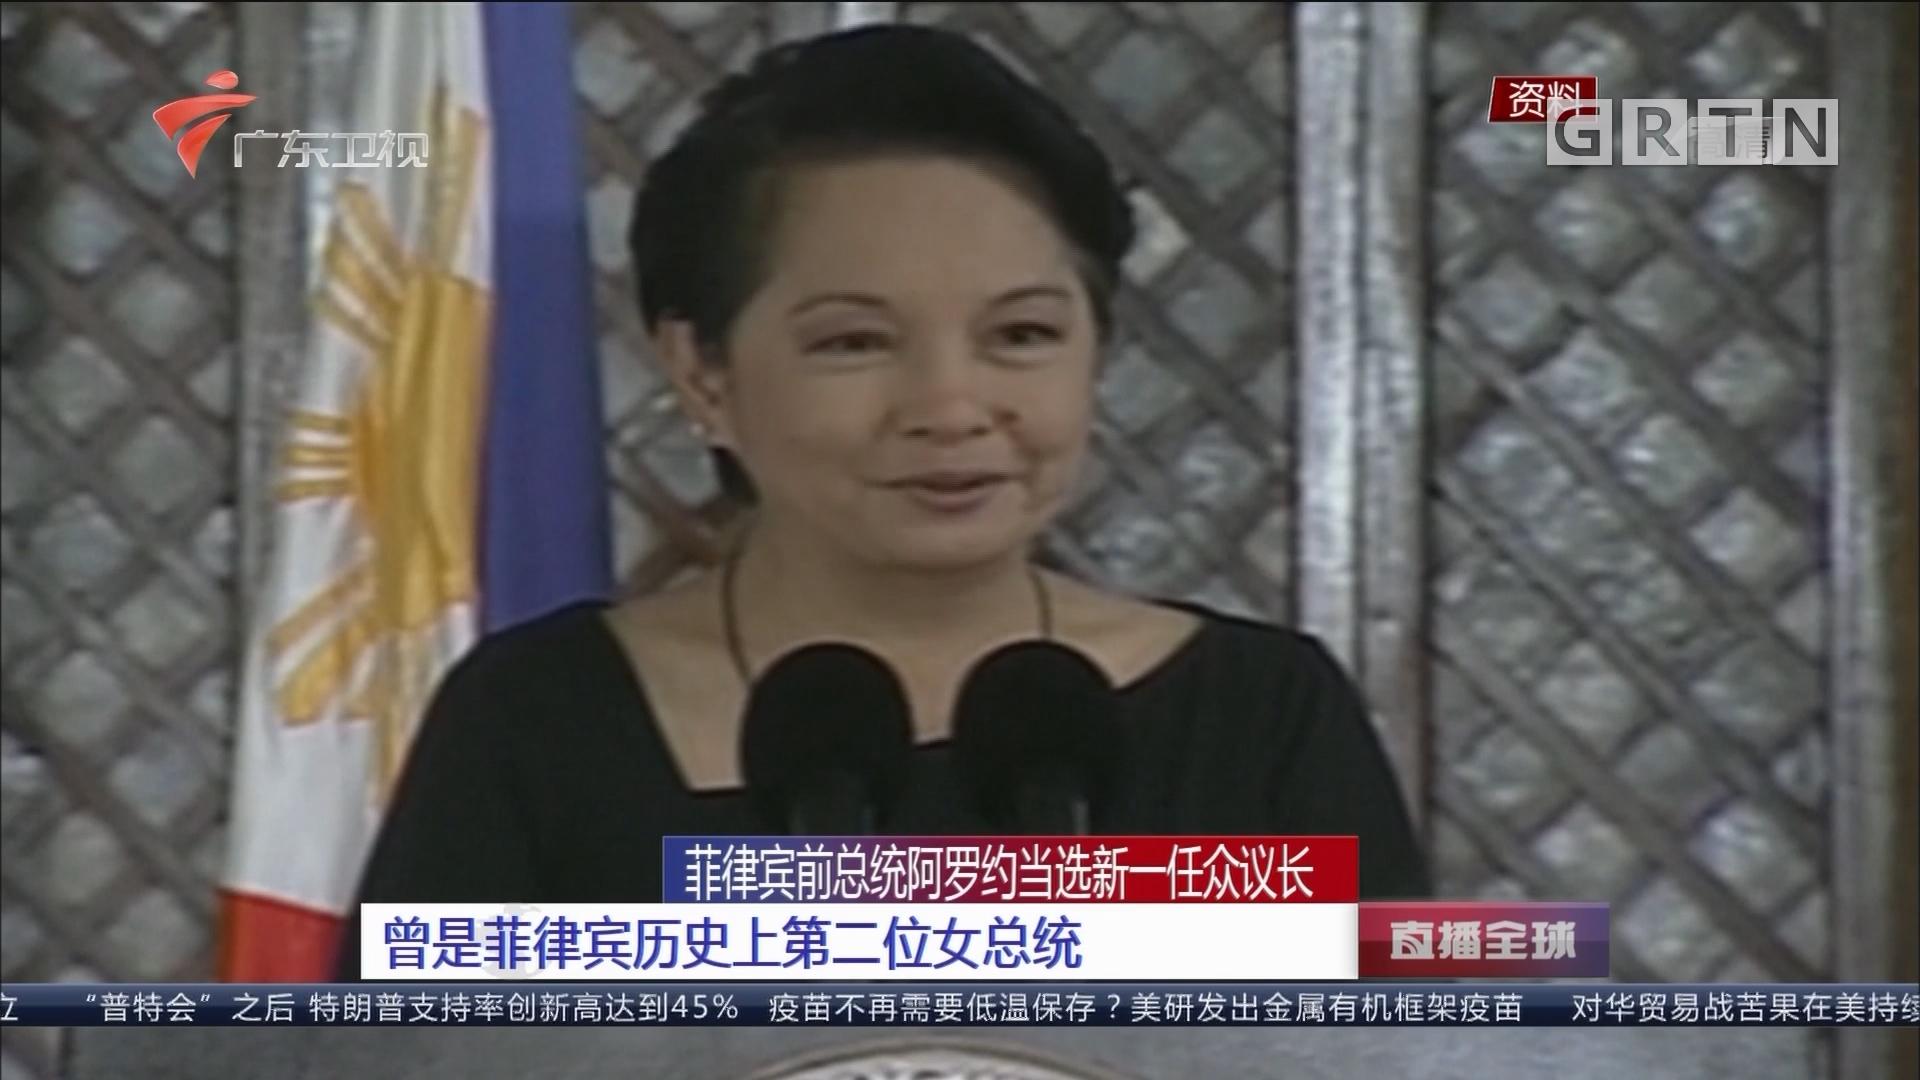 菲律宾前总统阿罗约当选新一任众议长:菲律宾历史上首任女性众议长